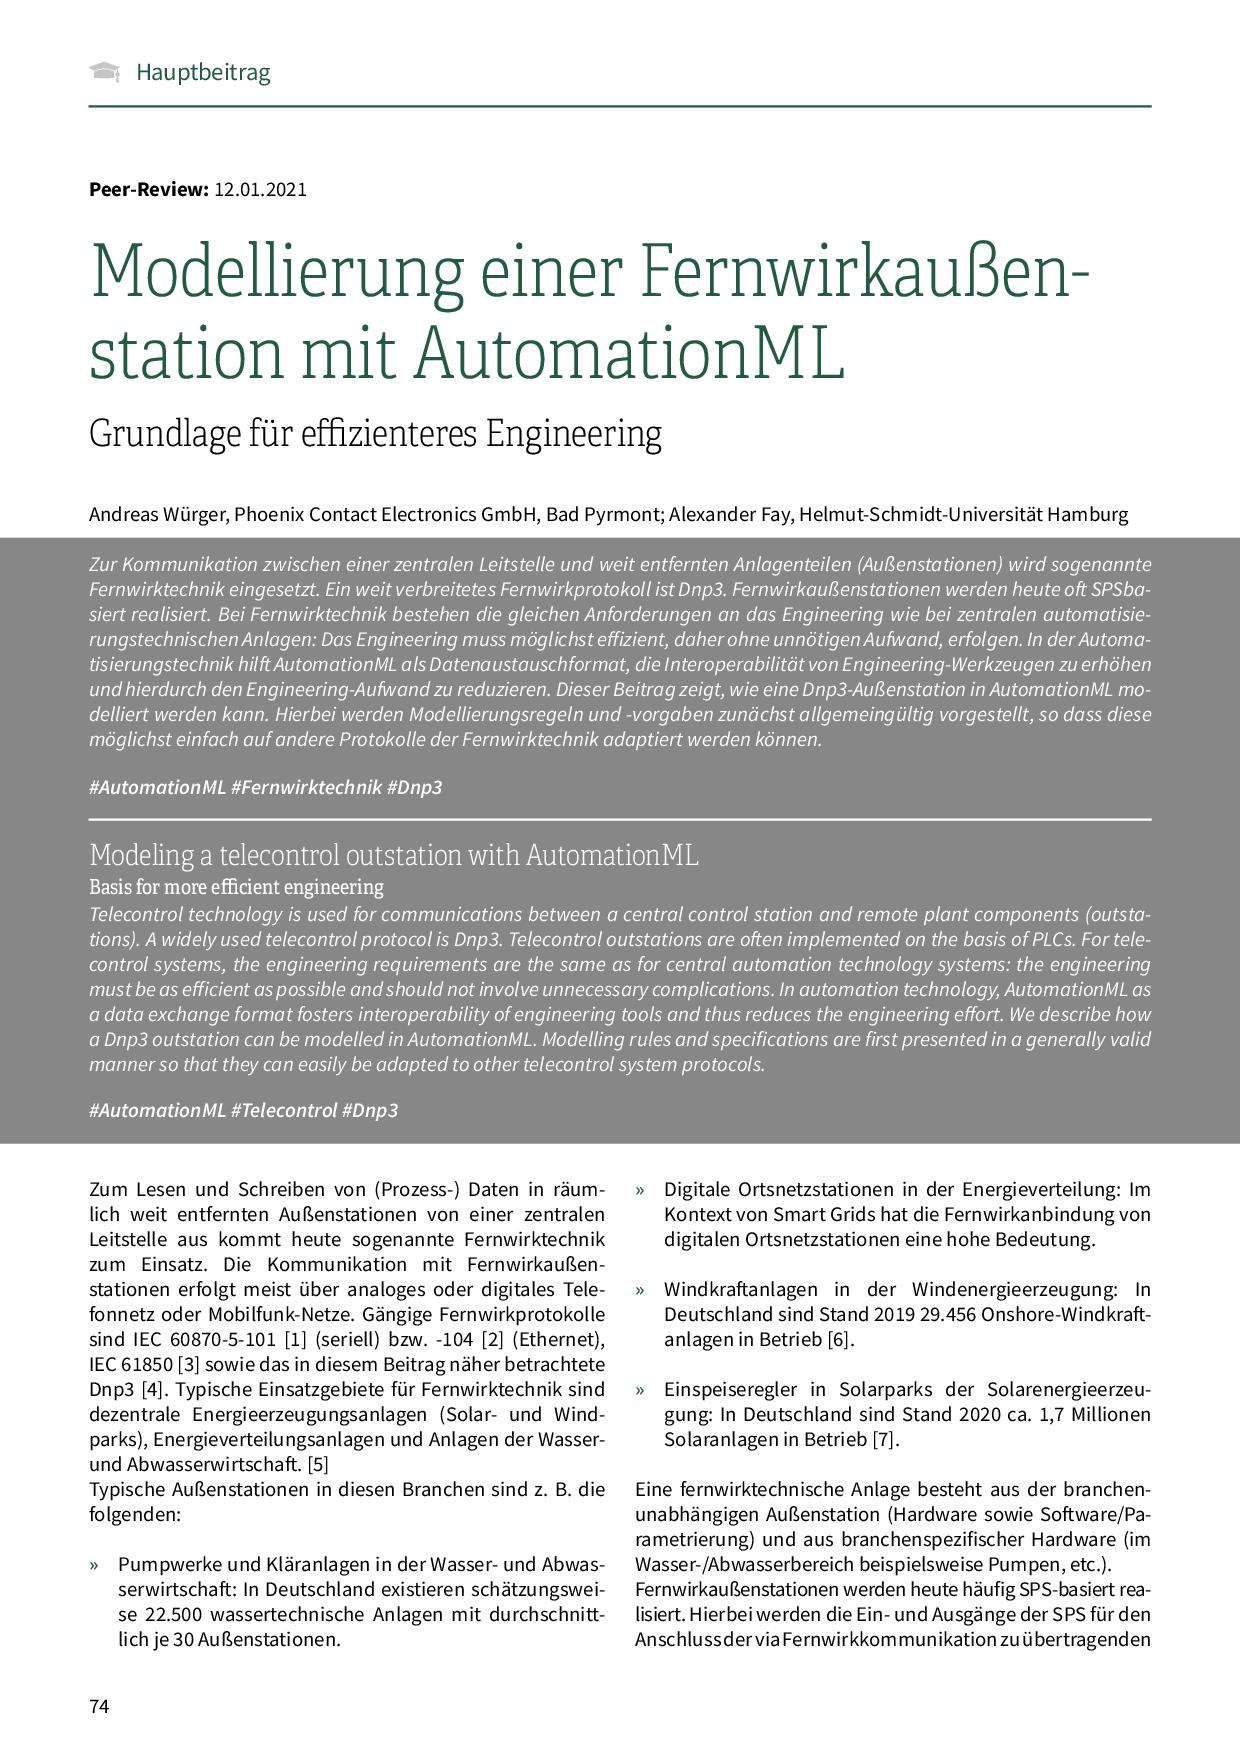 Modellierung einer Fernwirkaußenstation mit AutomationML